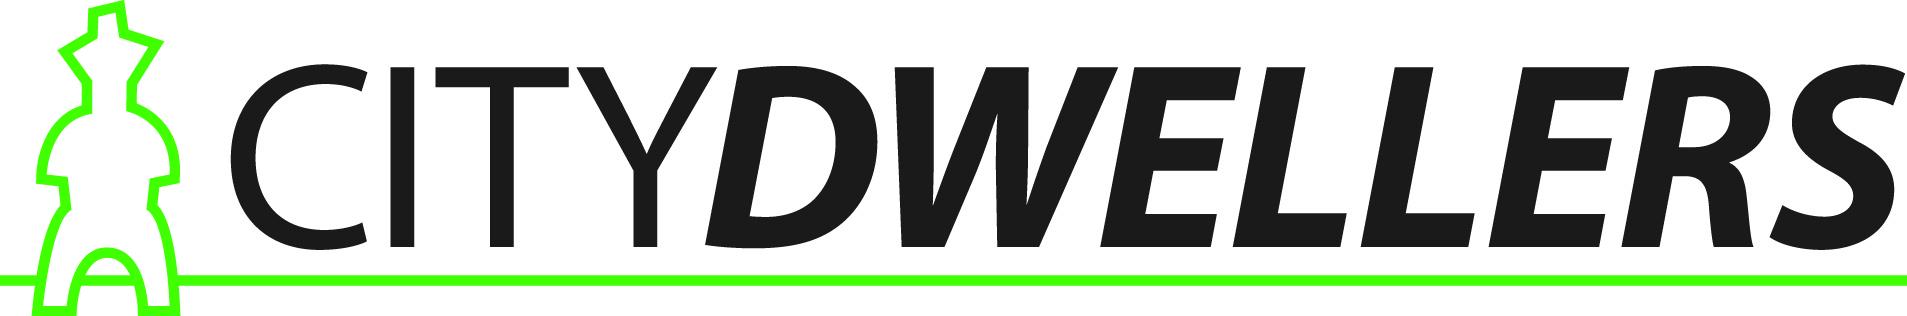 Logo CtyDwellers.jpg